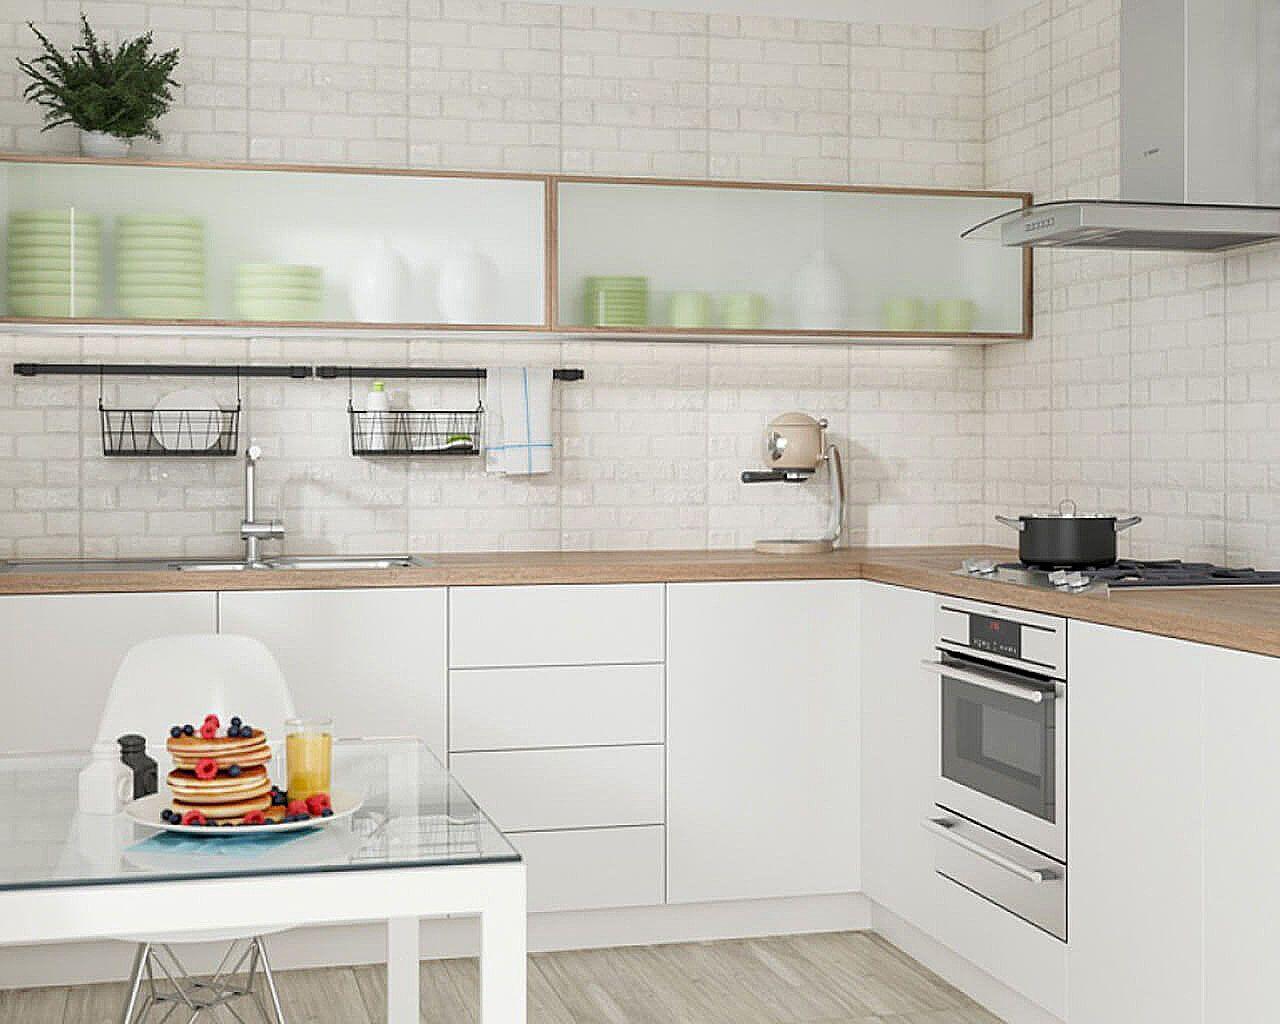 Płytki O Wyglądzie Cegły W Funkcjonalnej Kuchni Ceramika